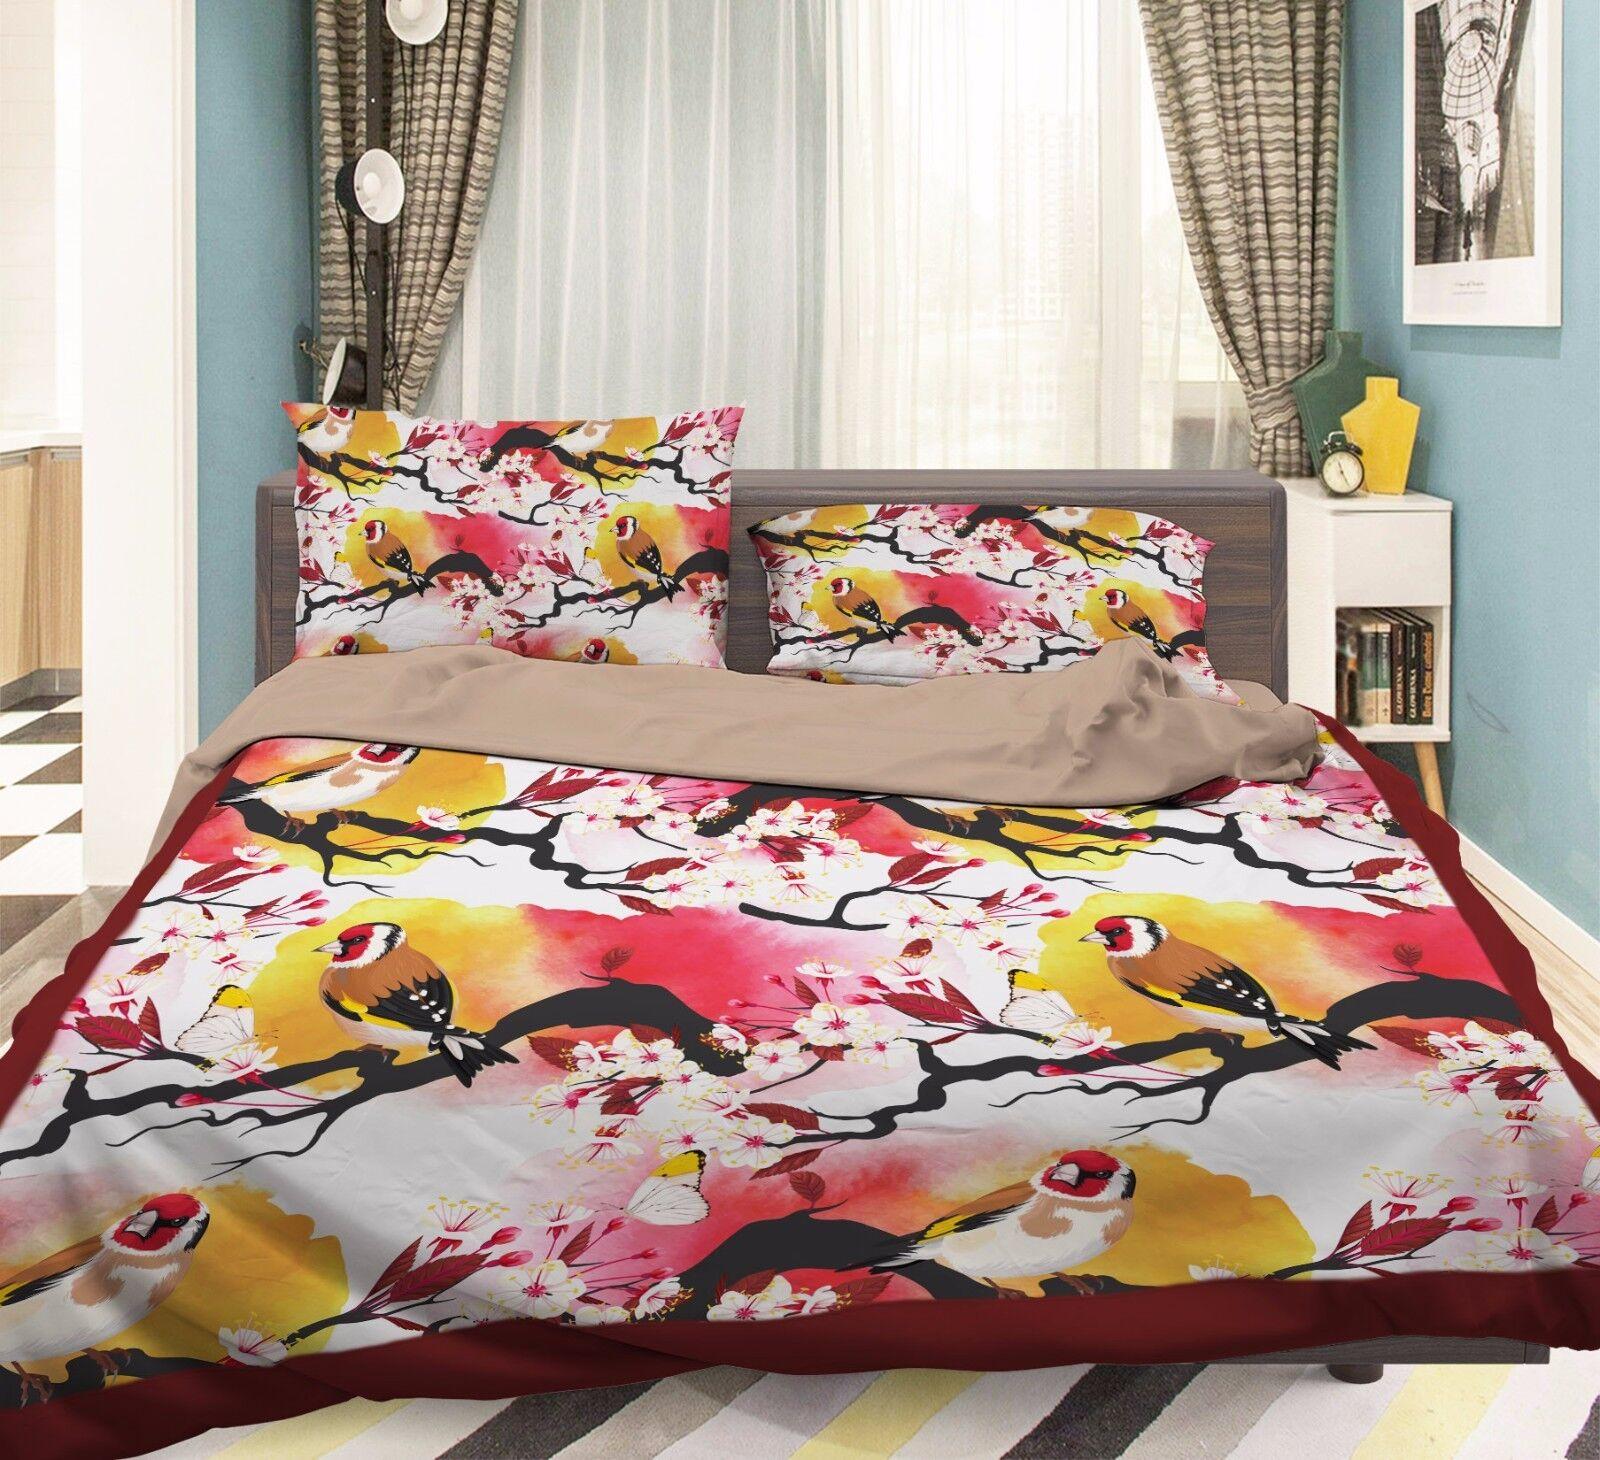 3D Flower Bird Watercolors 5 Bed Pillowcases Quilt Duvet Cover Set Single Queen